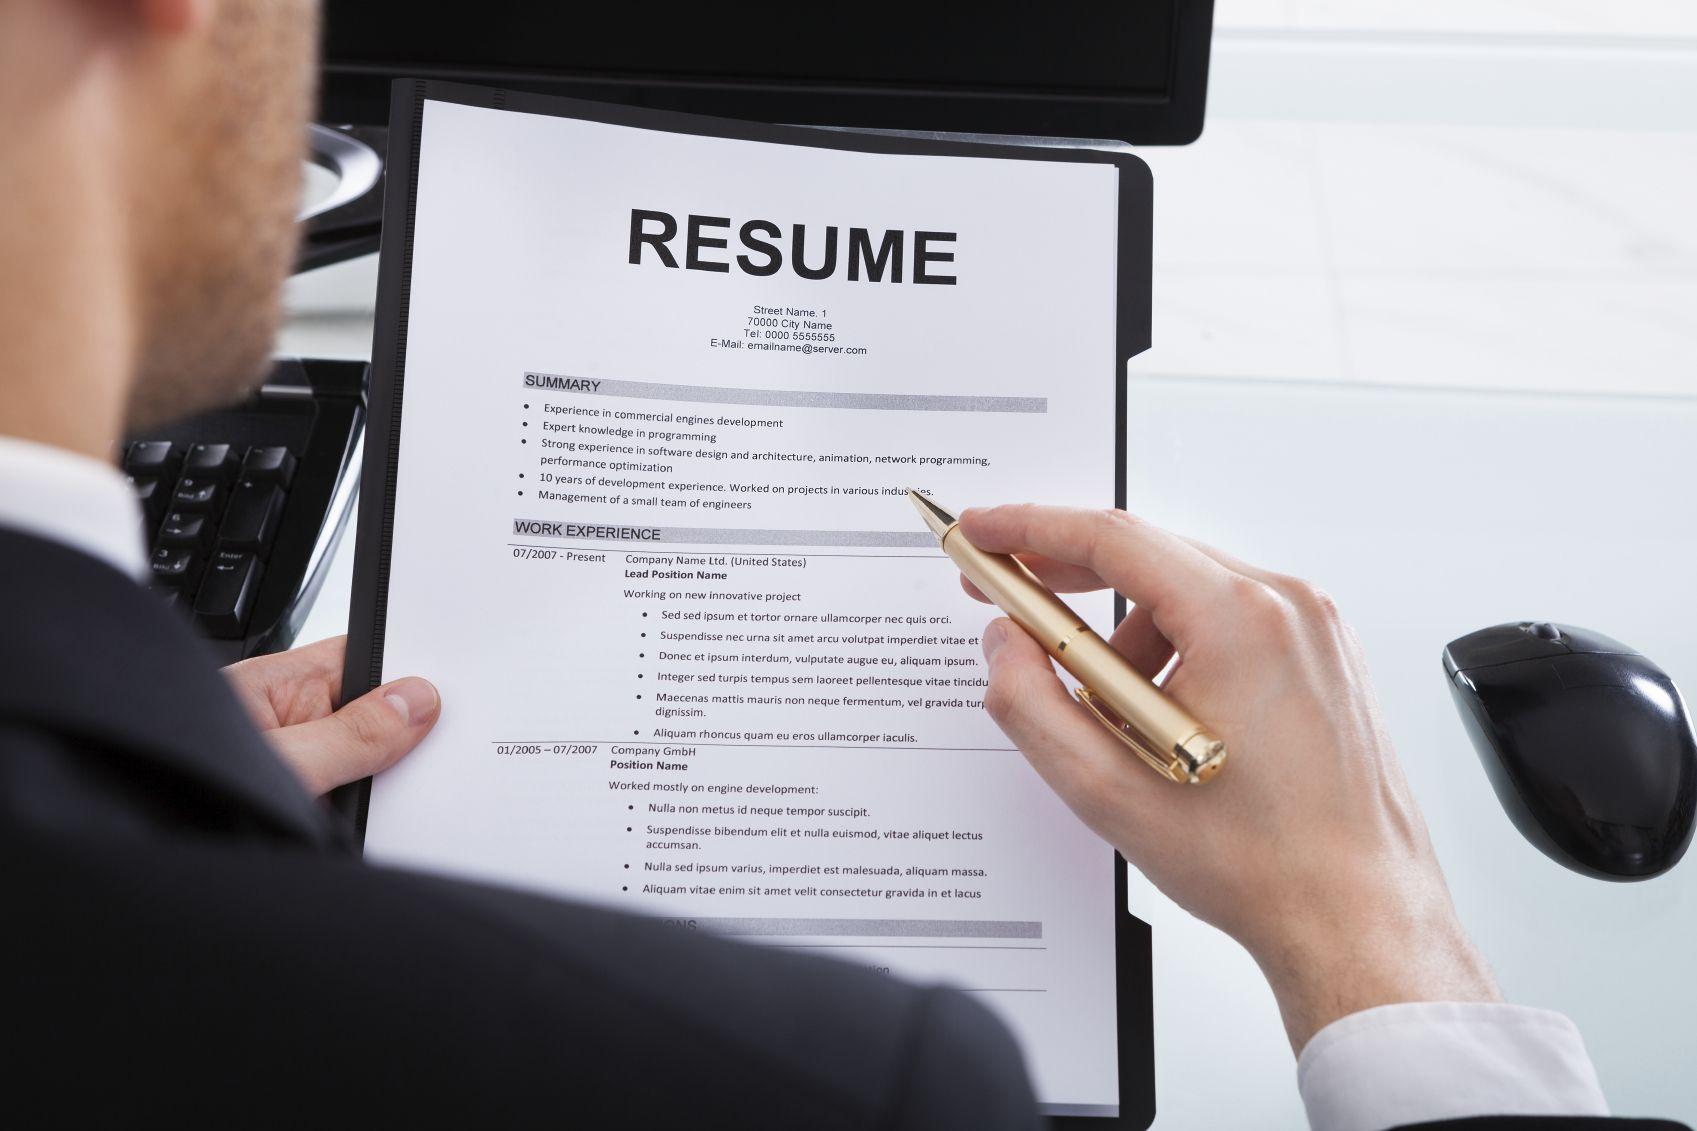 Aviation resume - Flight job Blog